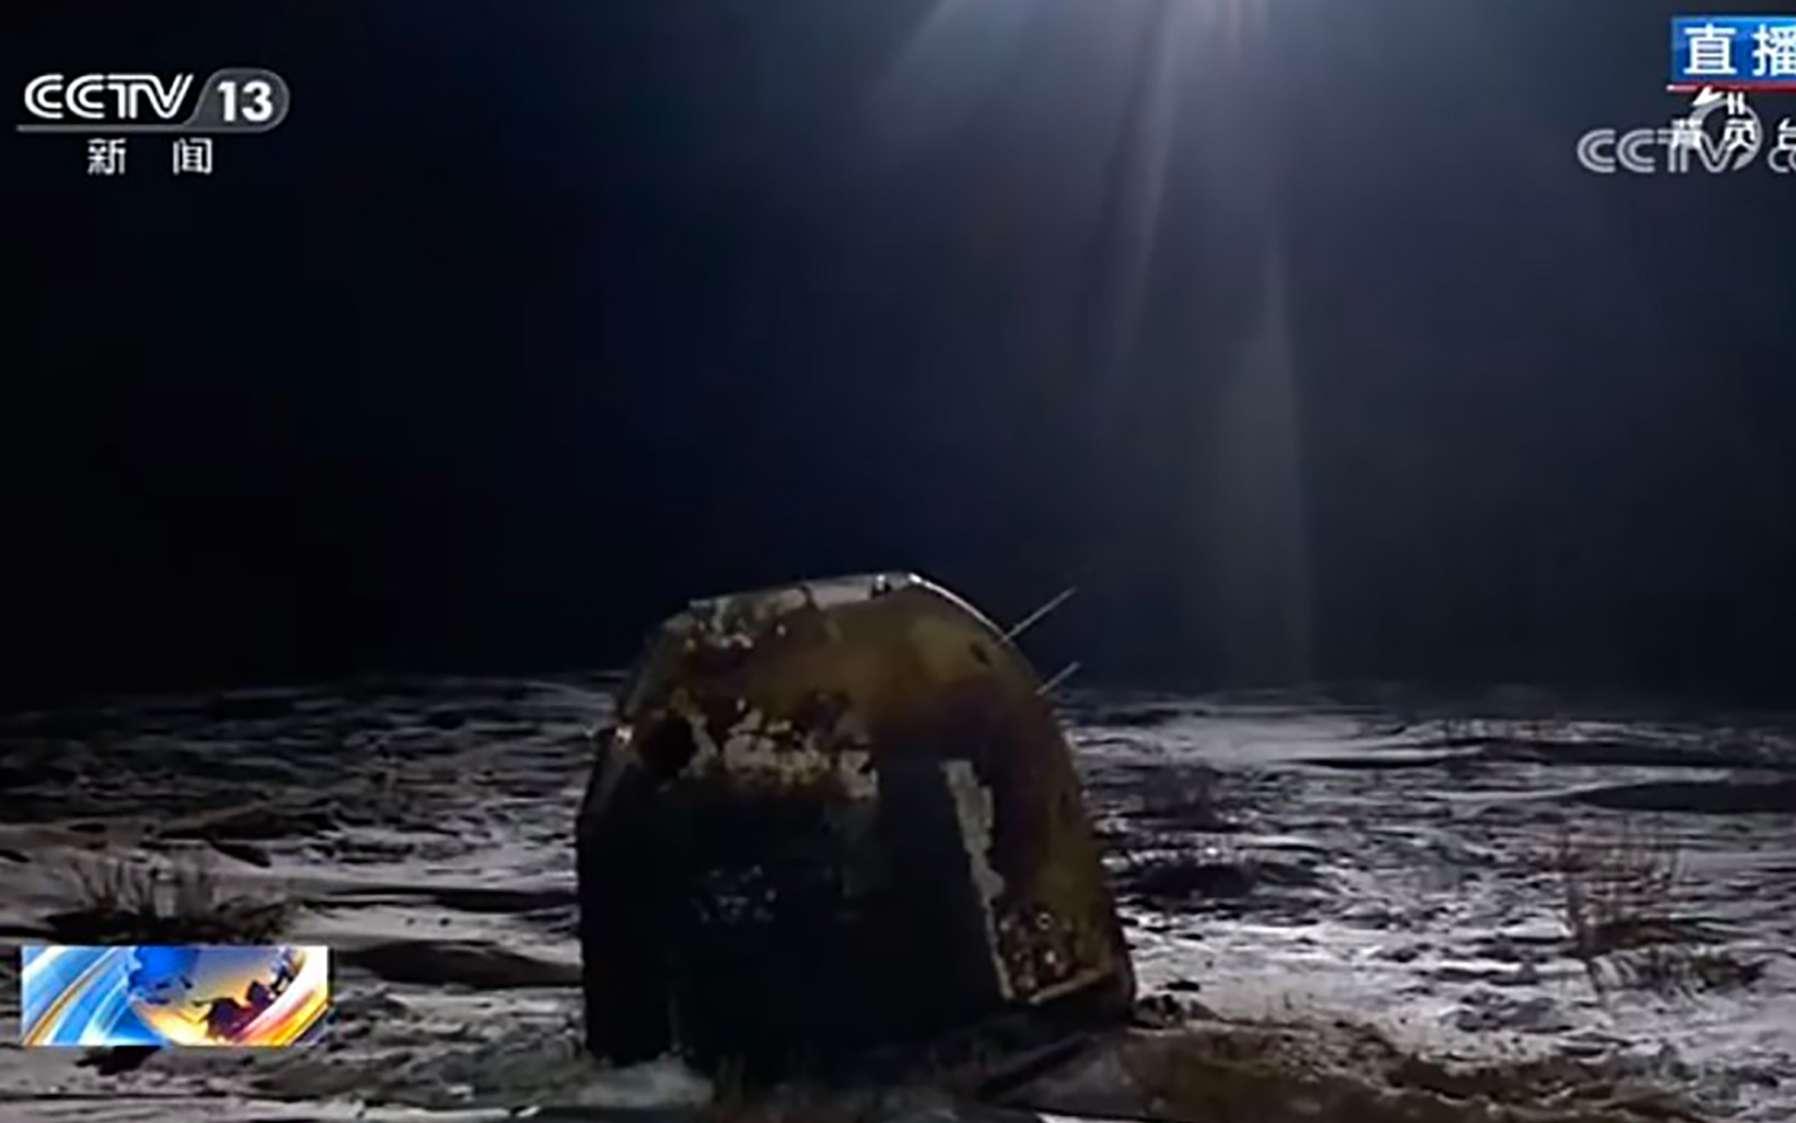 La capsule Chang'e 5 qui contient quelque 2 kilogrammes d'échantillons lunaires, peu de temps après son atterrissage. © CCTV